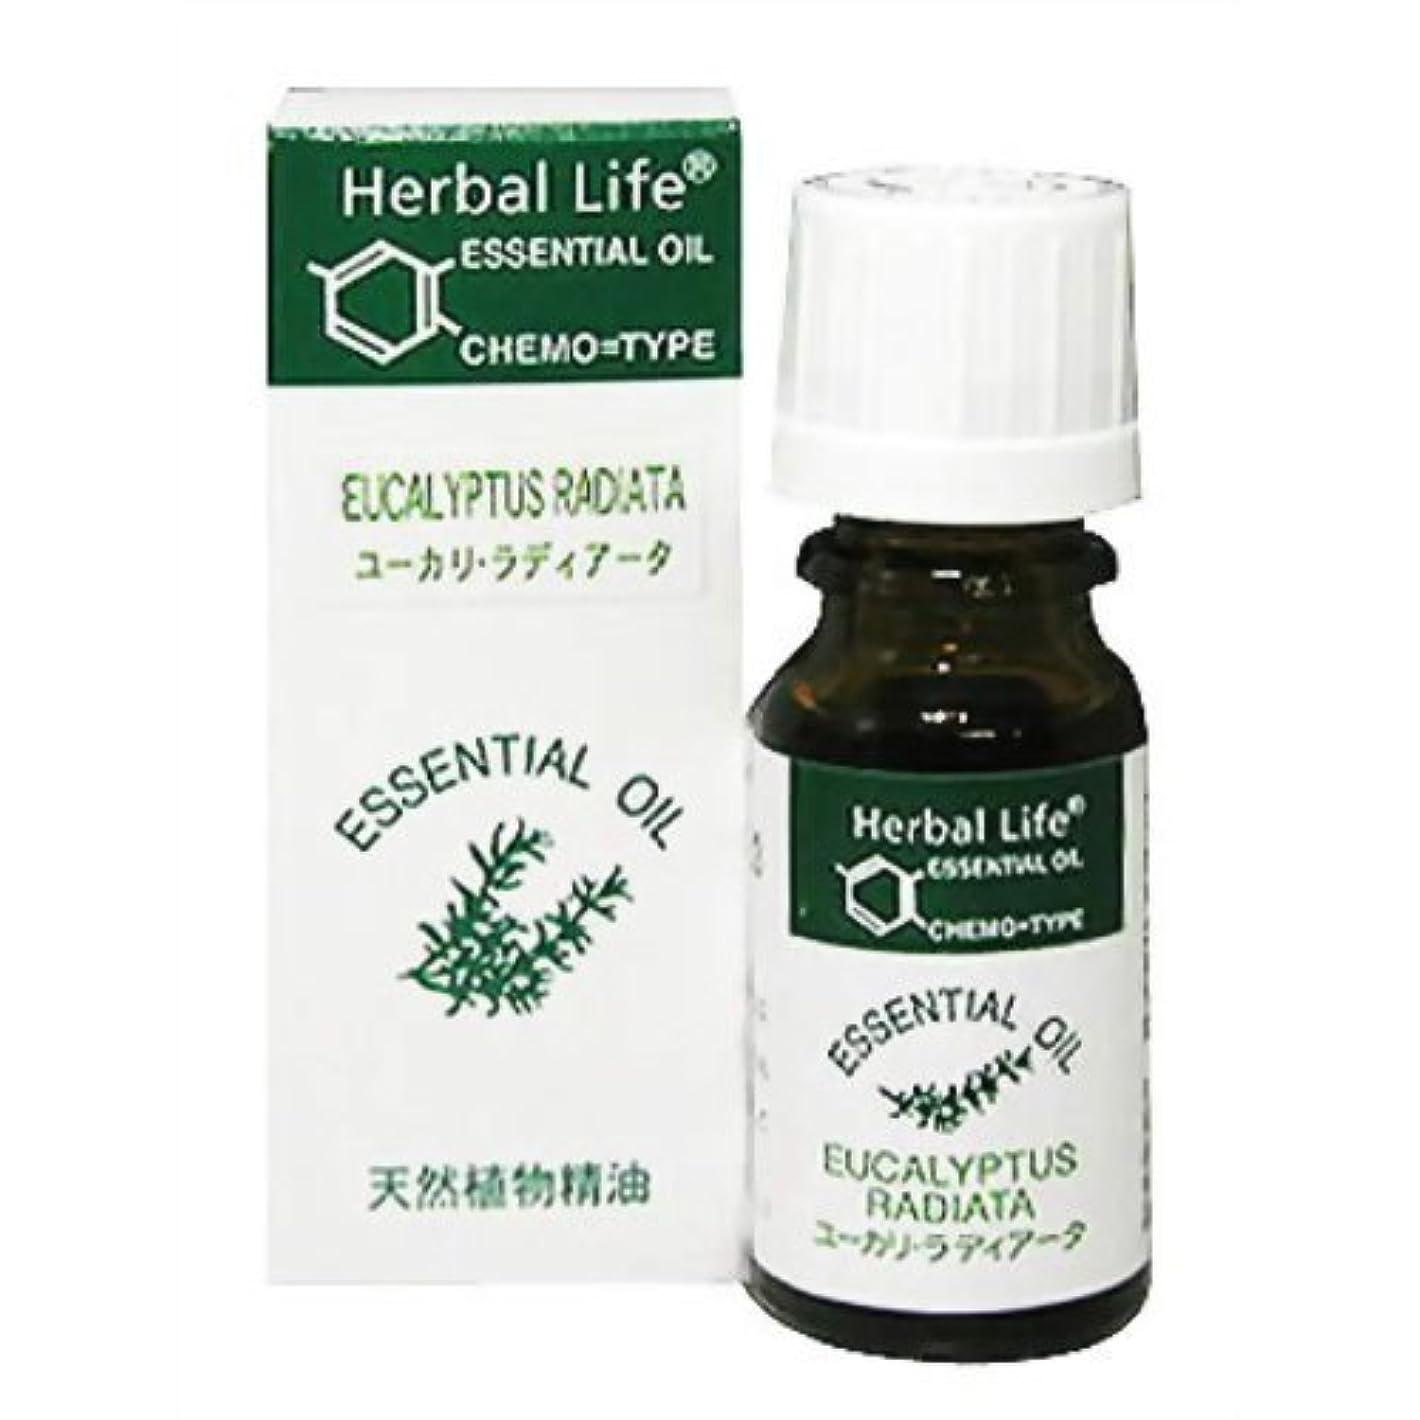 爆発禁じる無条件Herbal Life ユーカリ?ラディアータ 10ml